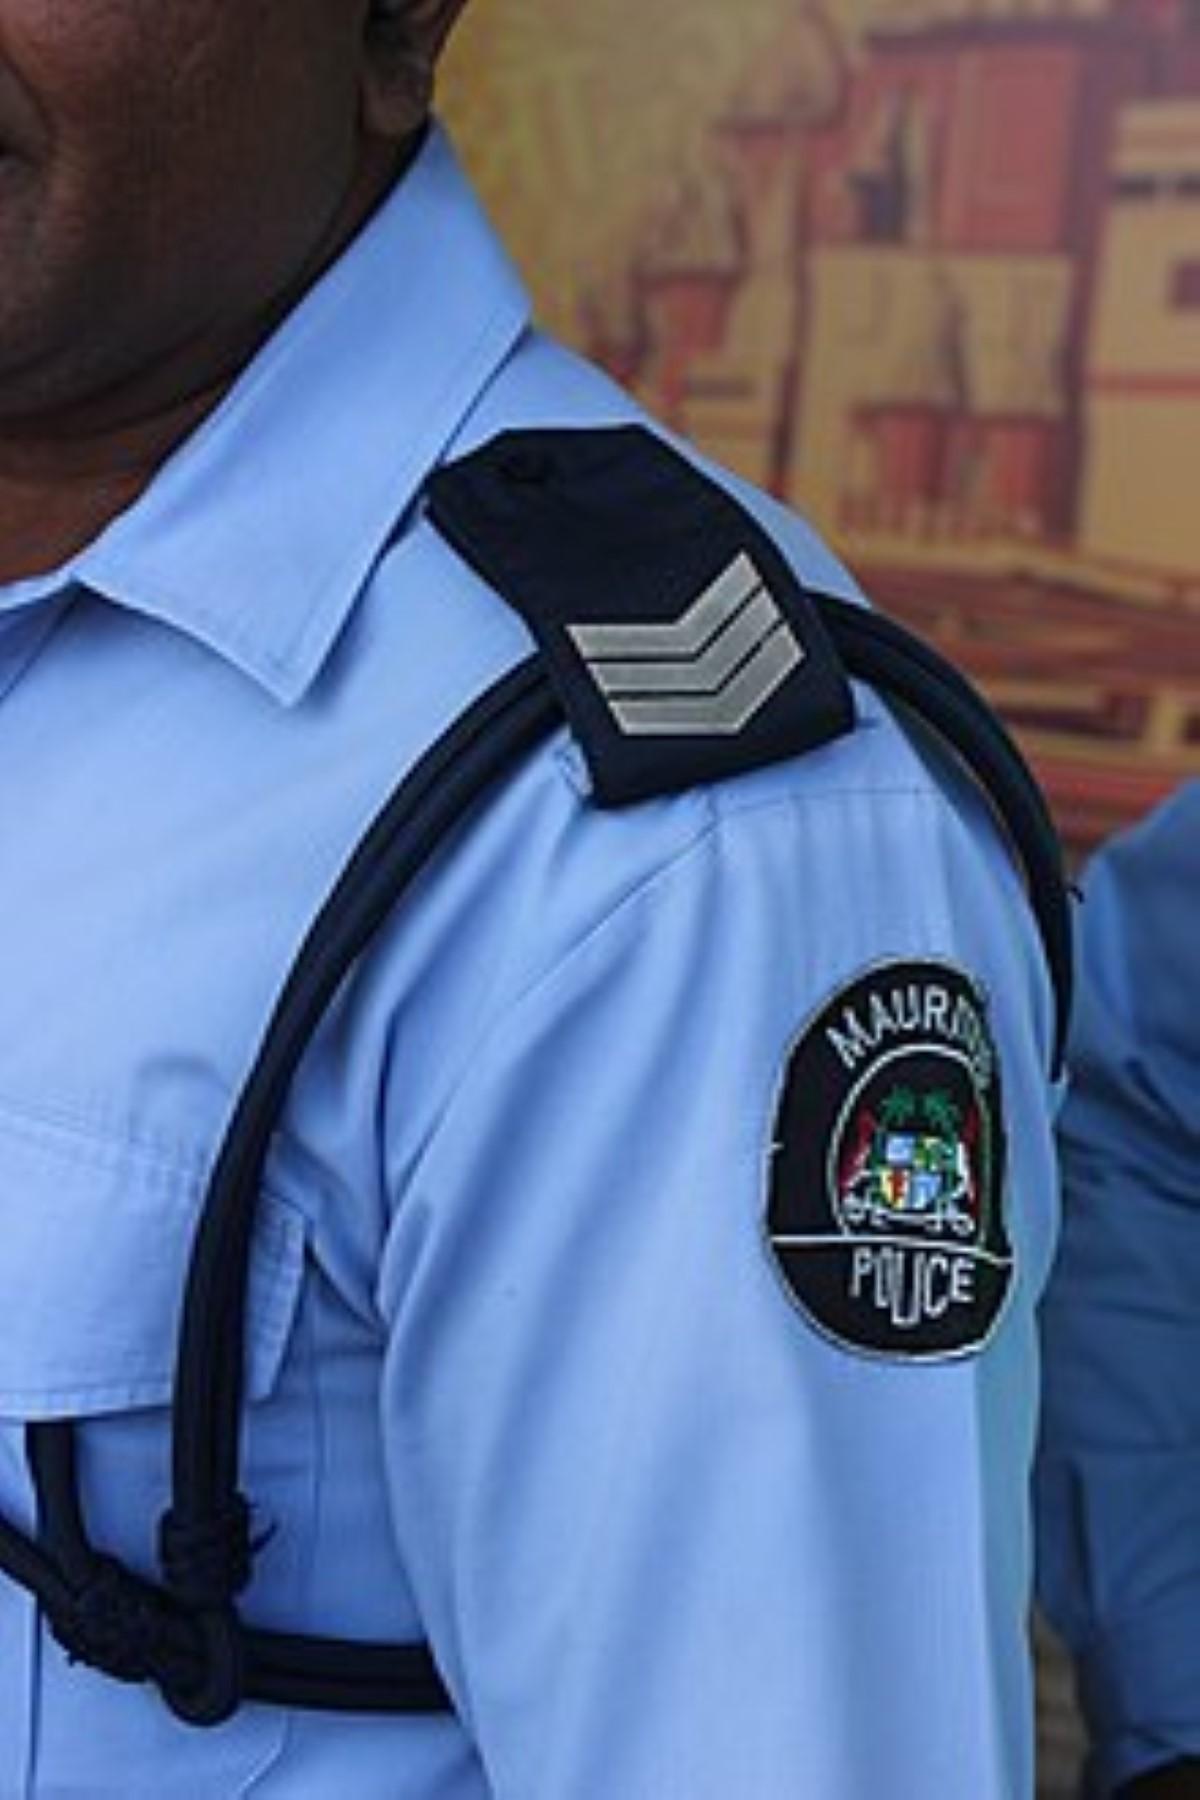 Des habitants s'en prennent à la police à Roche Bois